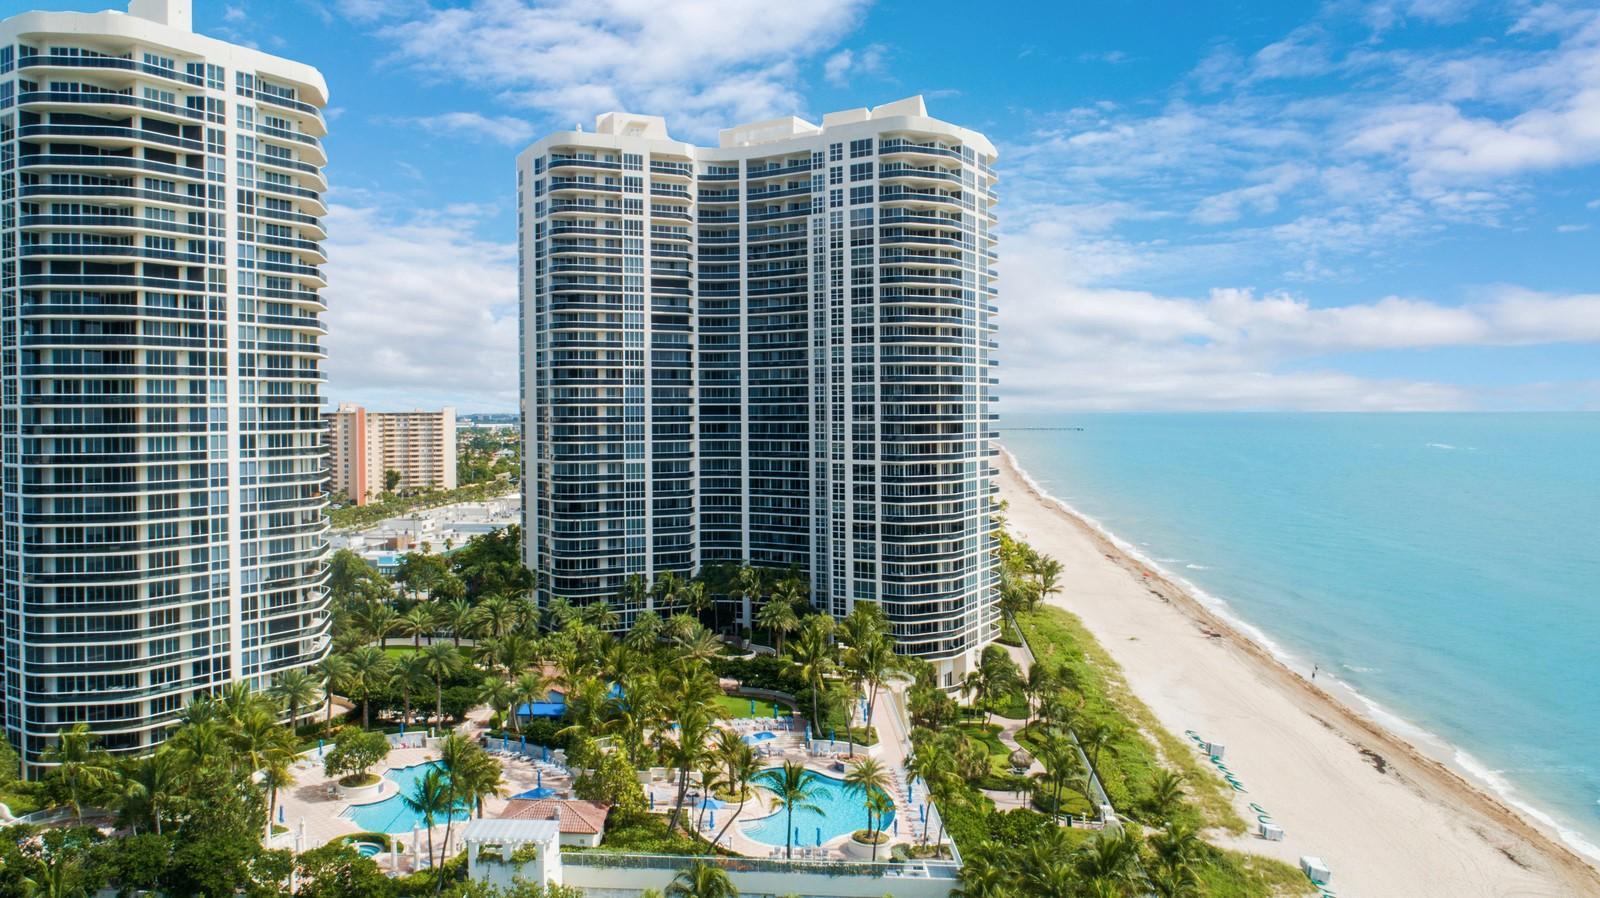 3200 N Ocean Boulevard, Fort Lauderdale, FL 33308